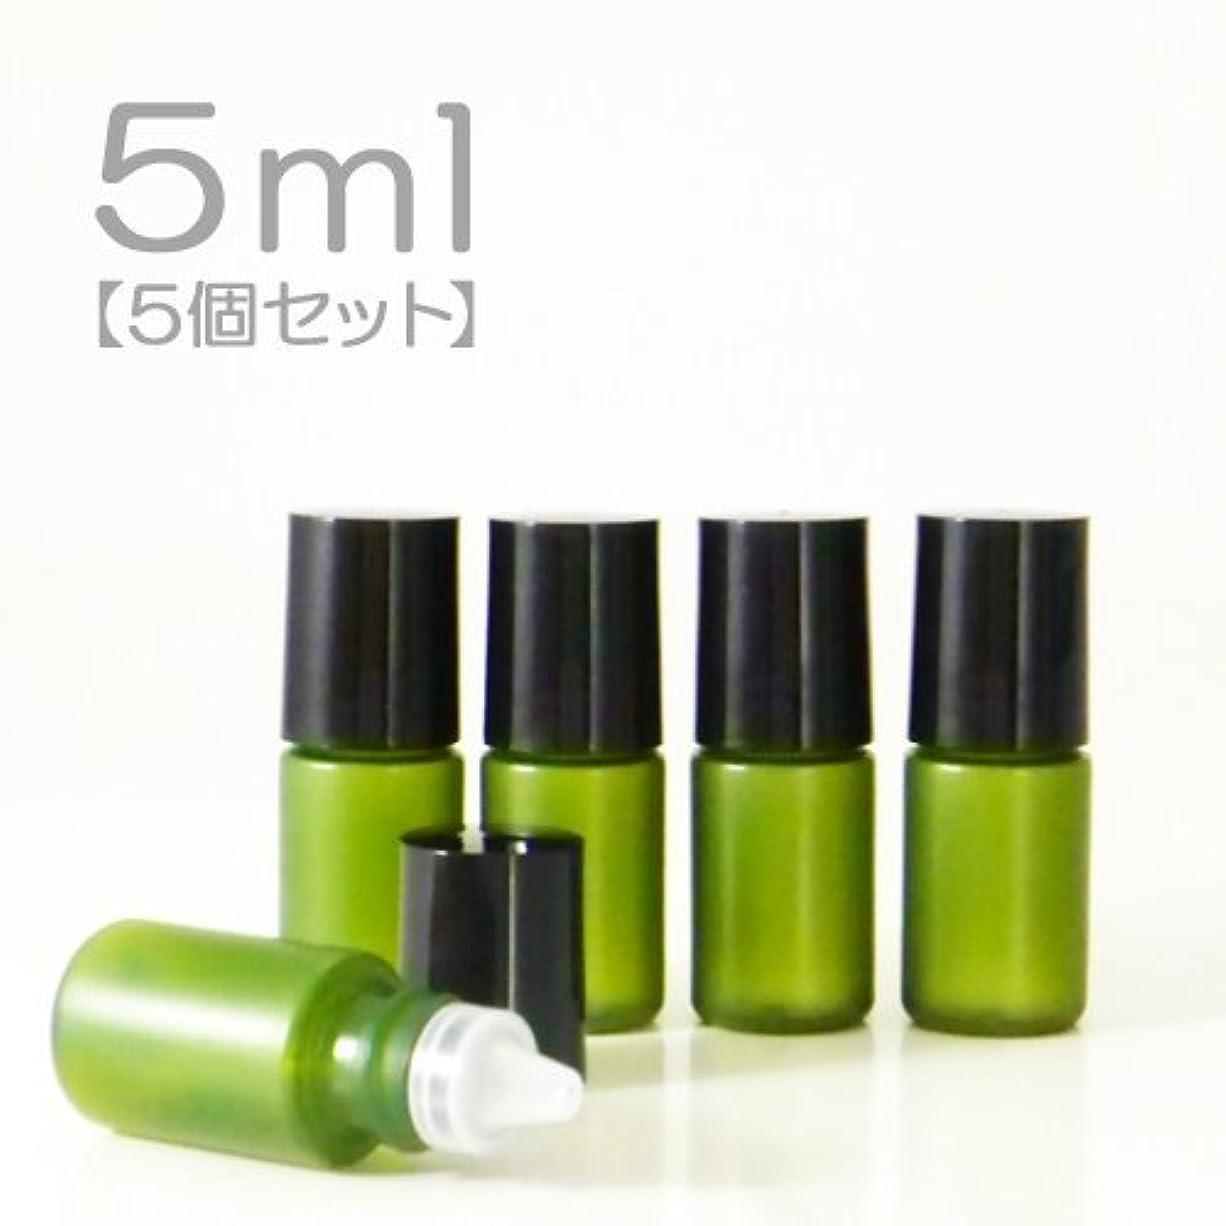 カフェ財布チーターミニボトル容器 5ml グリーン (5個セット) 【化粧品容器】